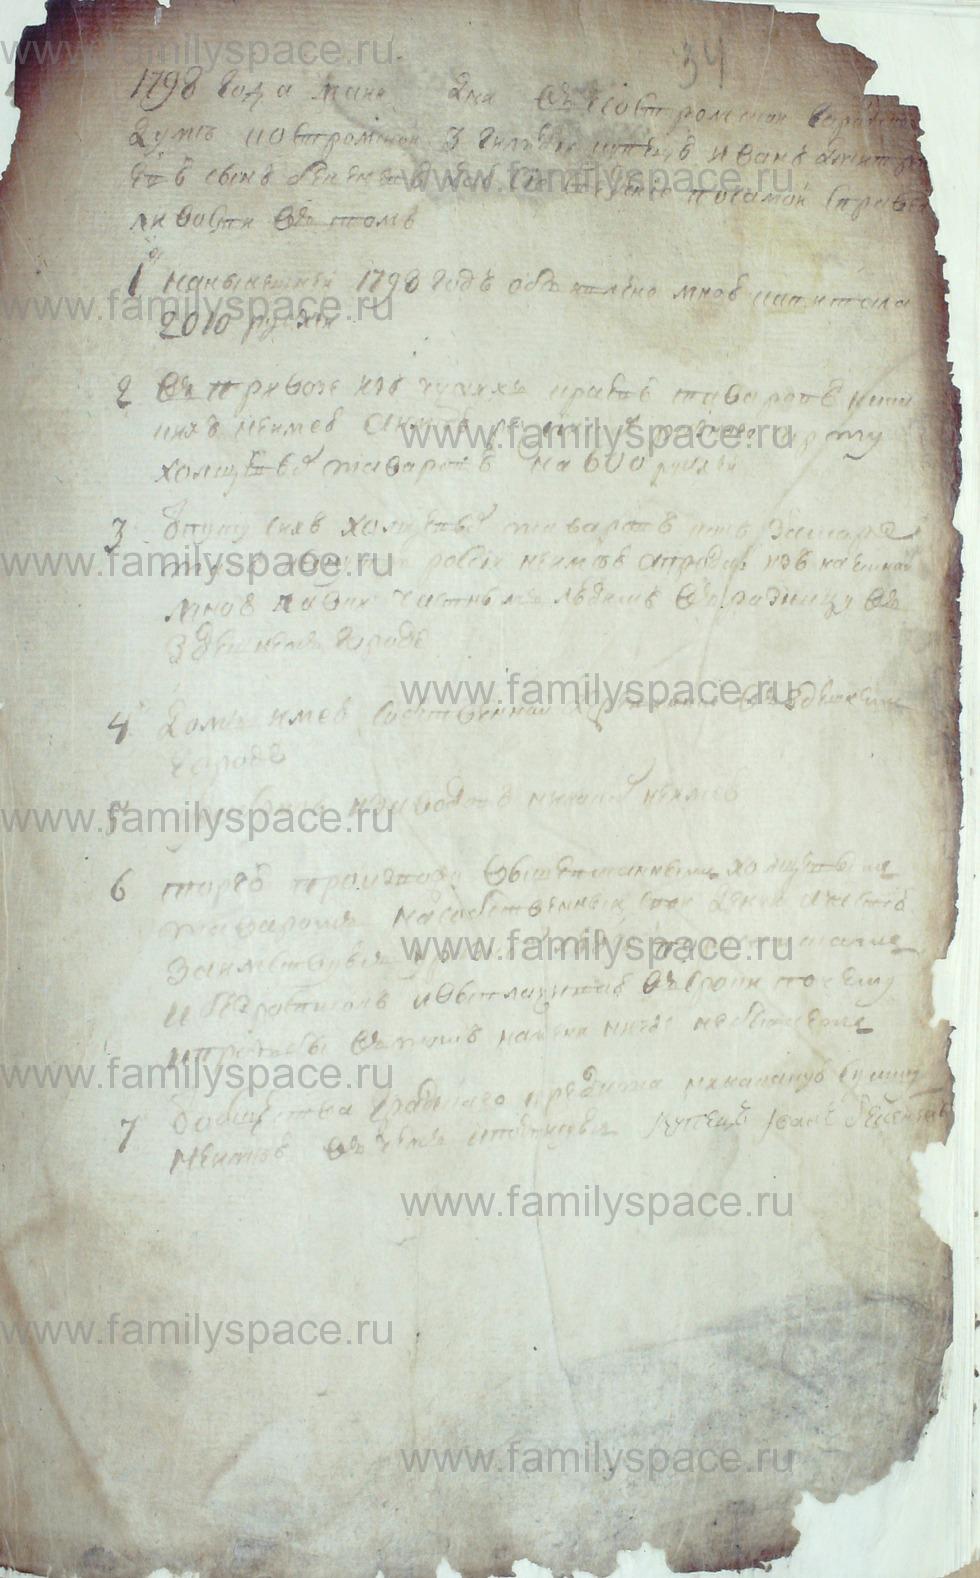 Поиск по фамилии - Сведения о купцах г. Кострома и их капиталах, страница 36